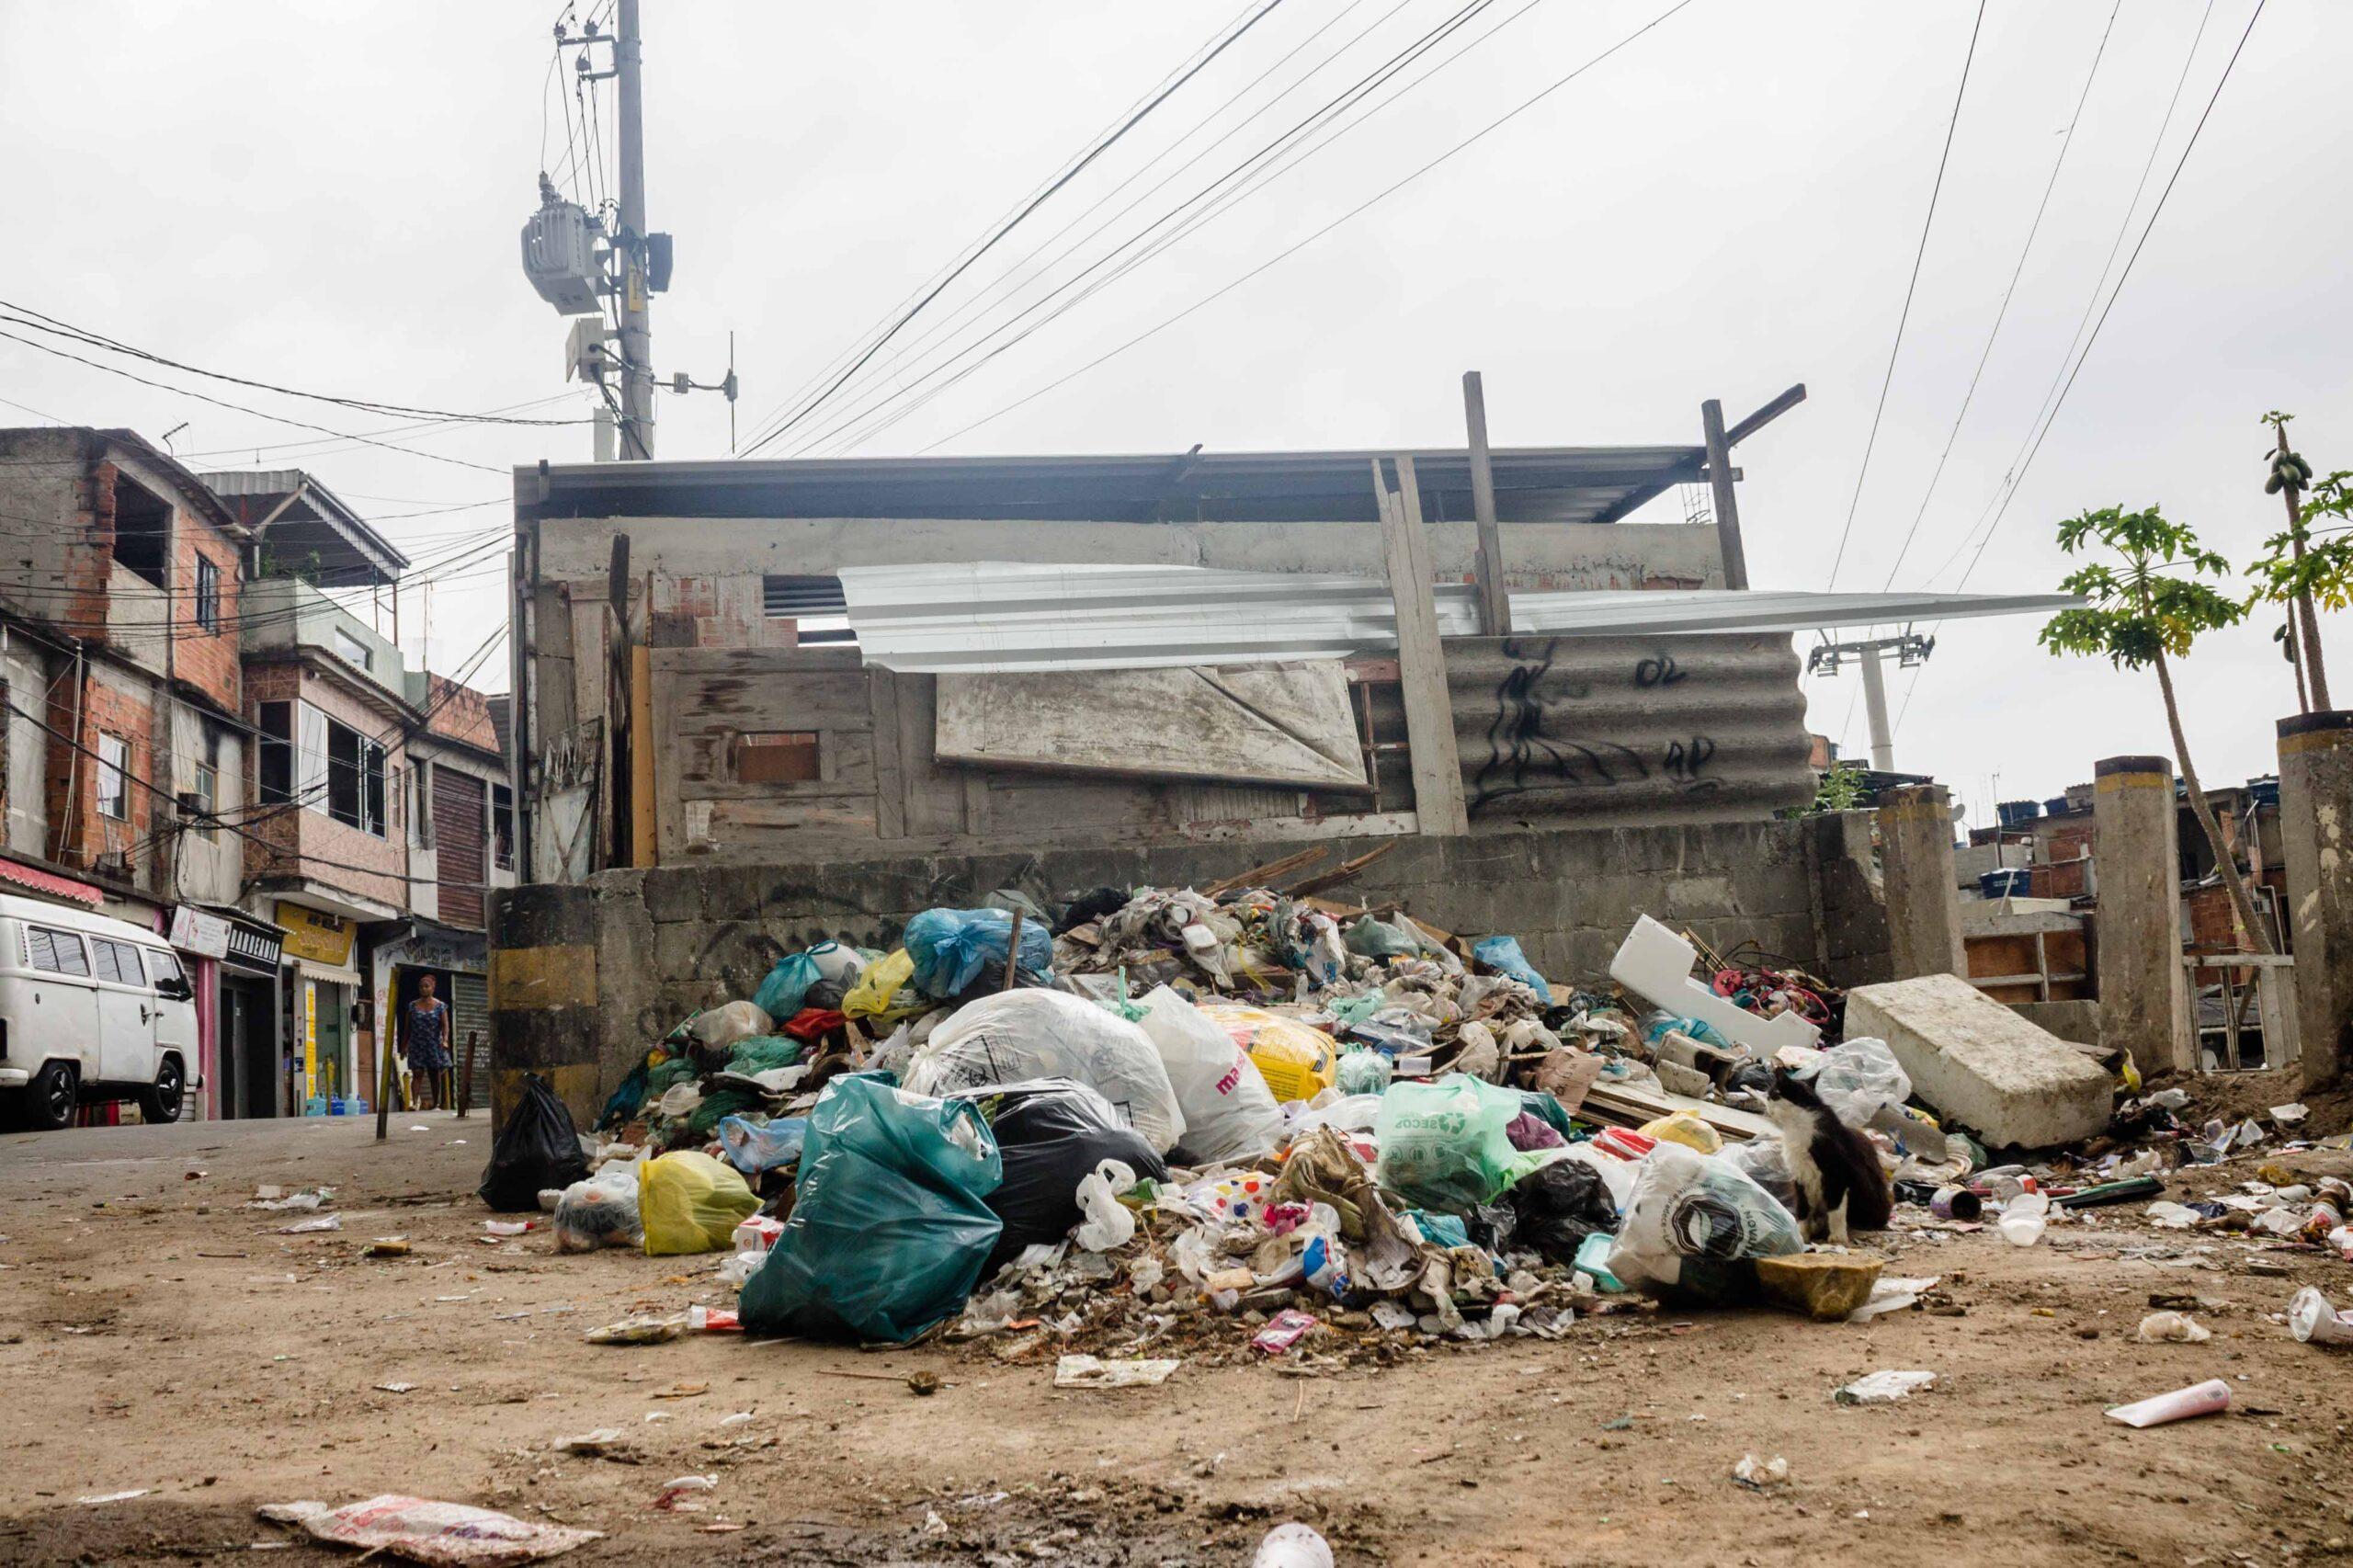 Associação de moradores precisa de ajuda para coleta de lixo no Complexo do Alemão